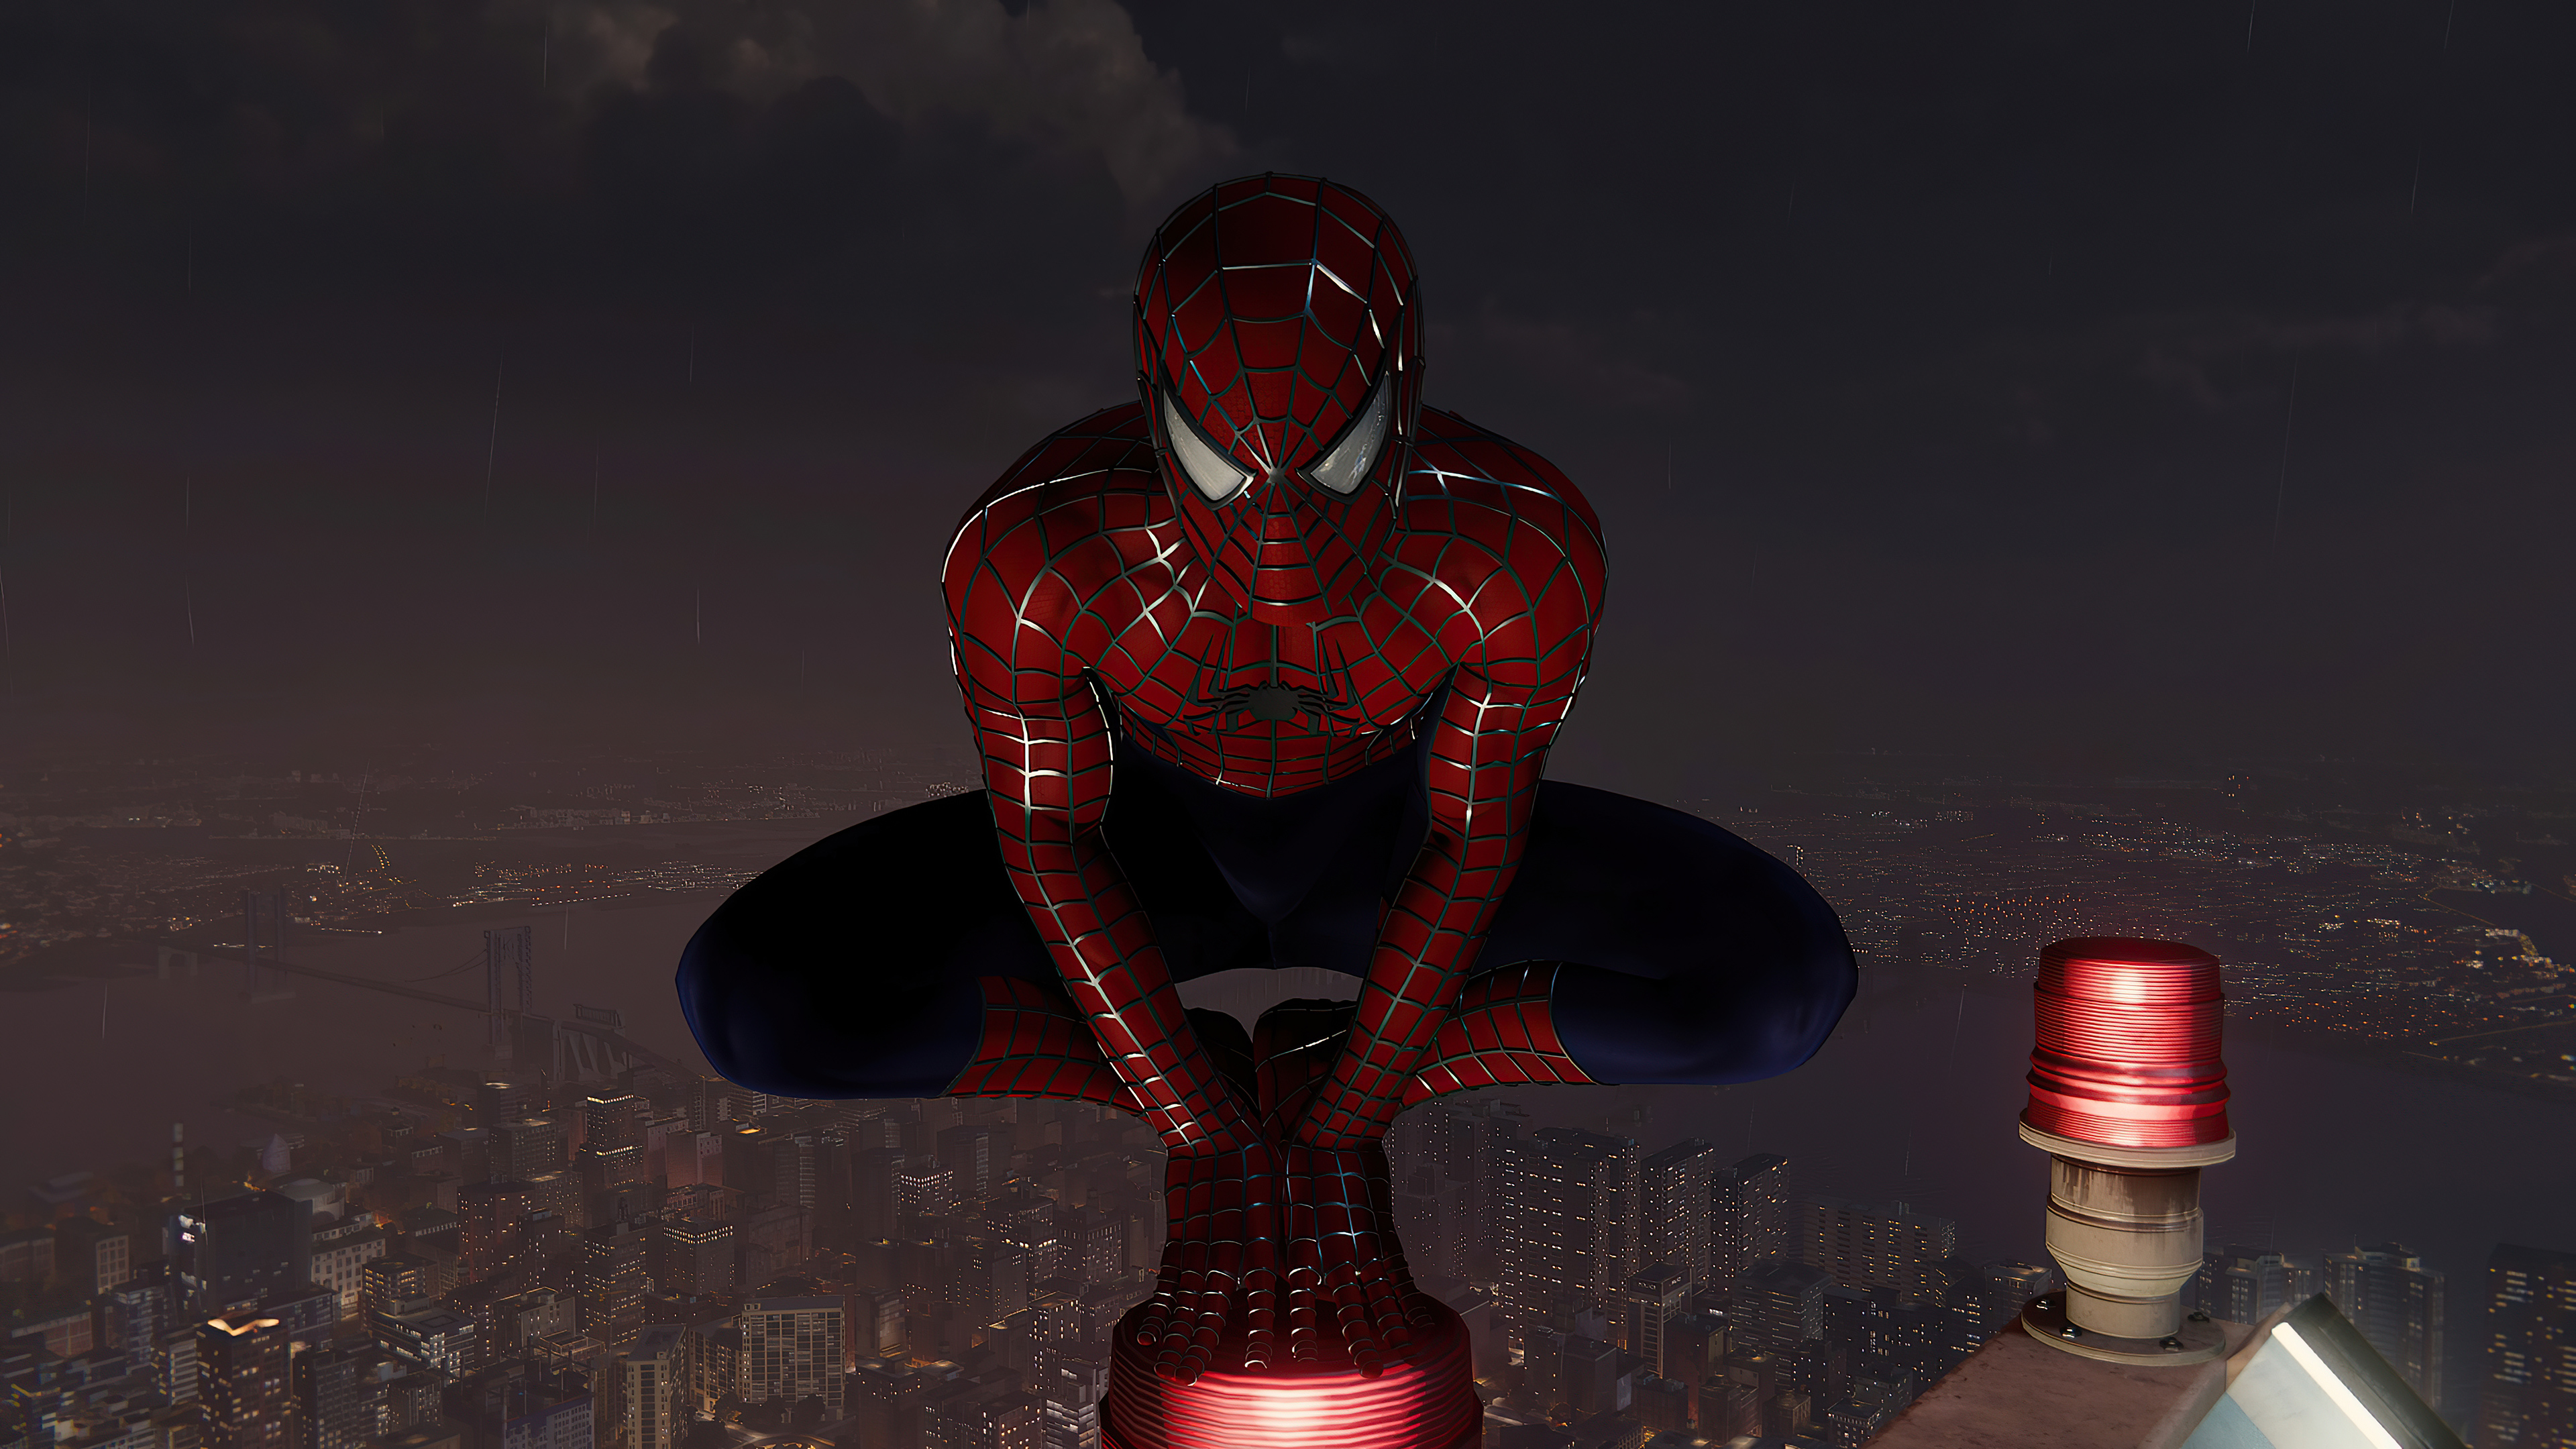 Fondos de pantalla El hombre araña en la cima de la ciudad